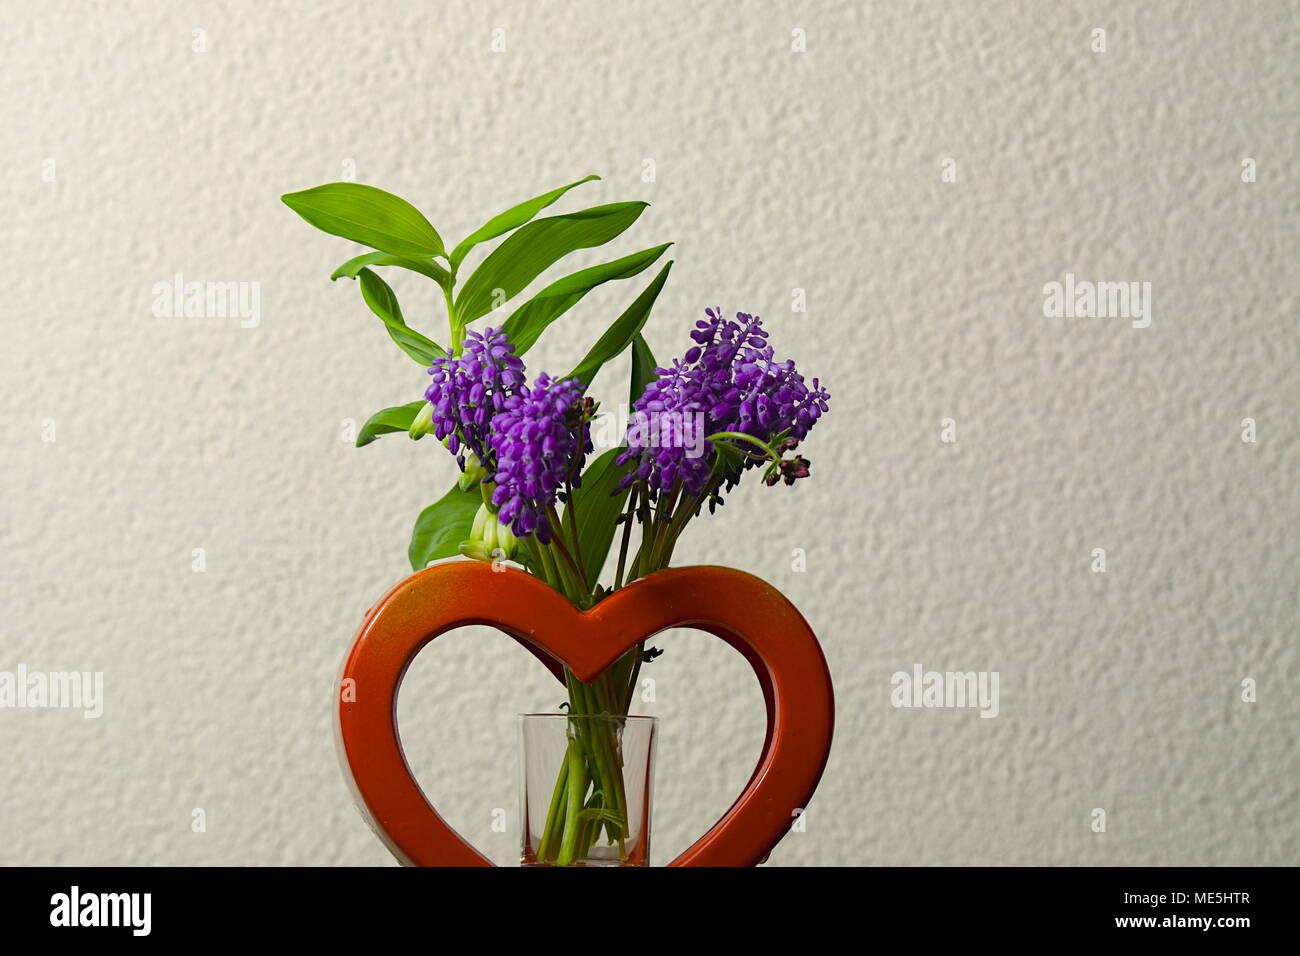 Die krautige Hyazinthe (Hyacinthus) gehört zur Pflanzenfamilie der Spargelgewächse und zählt Hyazinthen - Stock Image